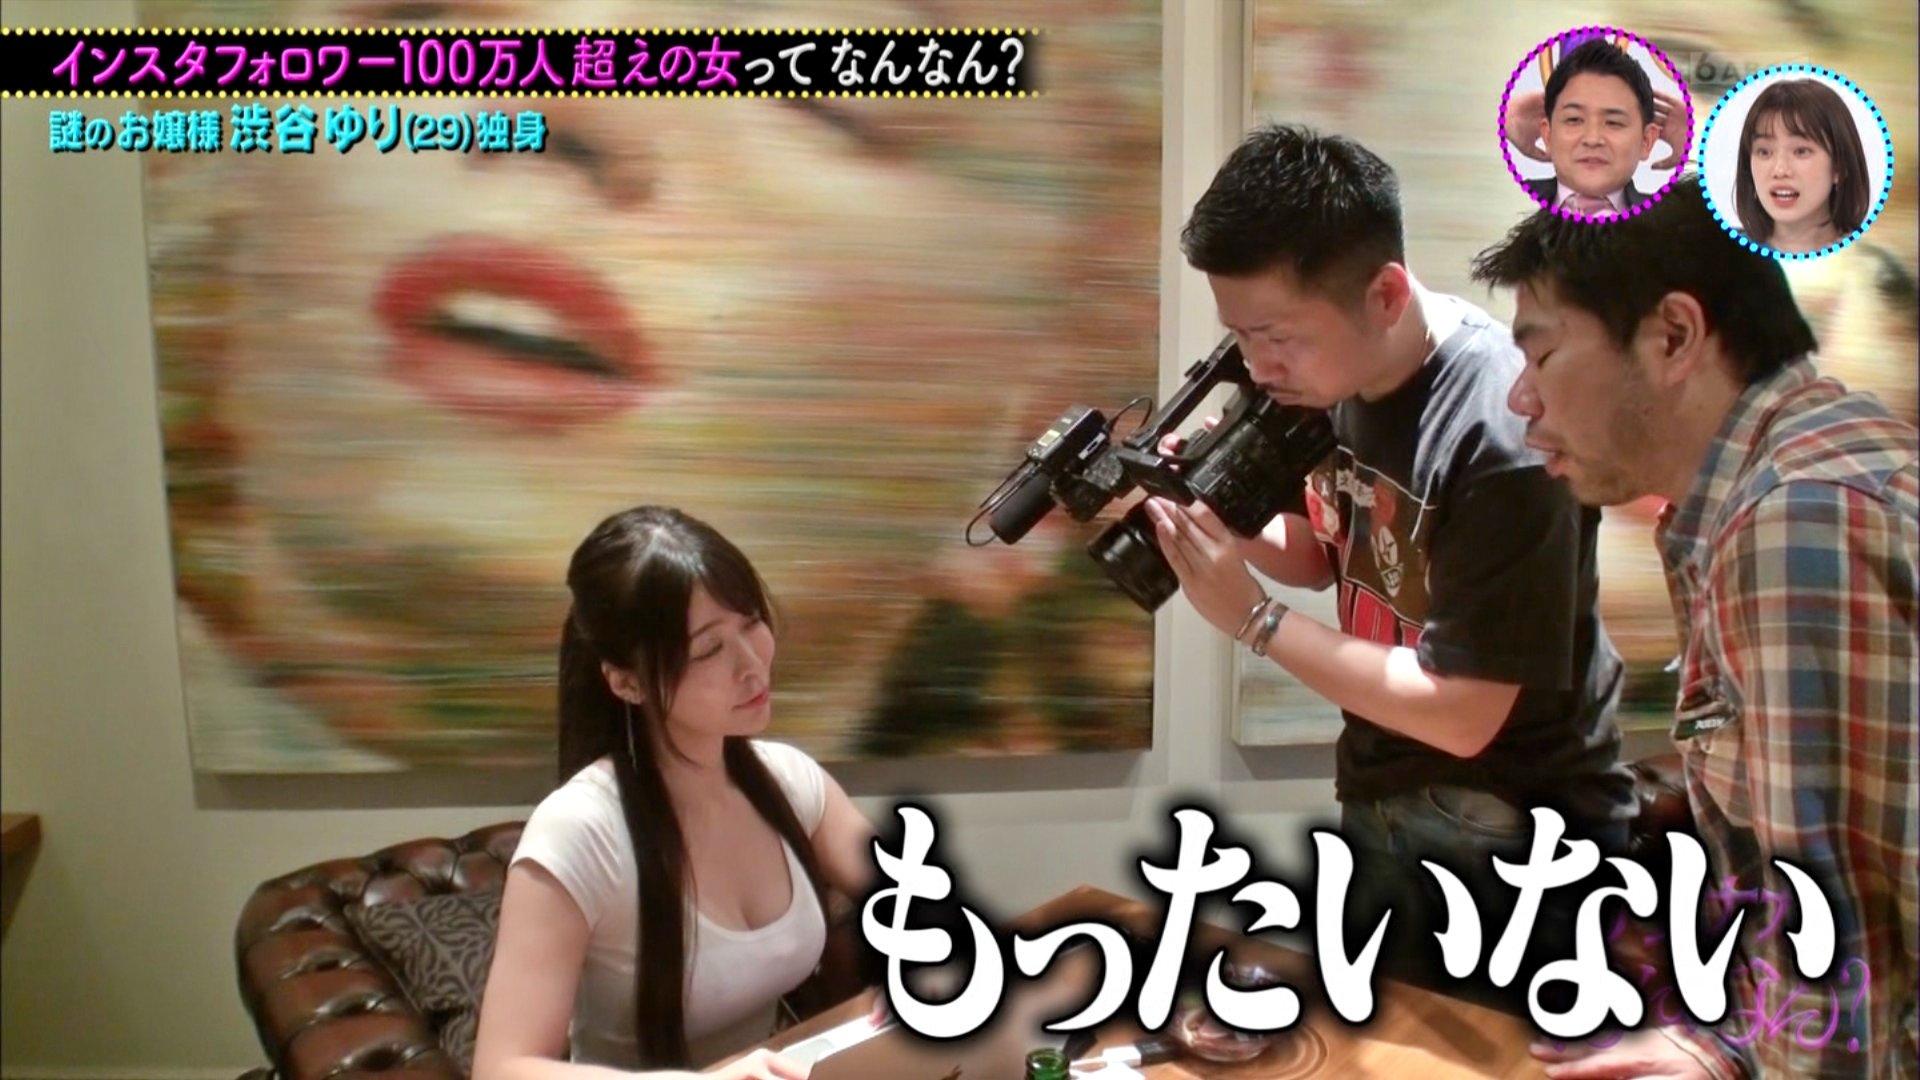 渋谷ゆり_インスタ美女_巨乳_巨尻_ノブナカなんなん?_42